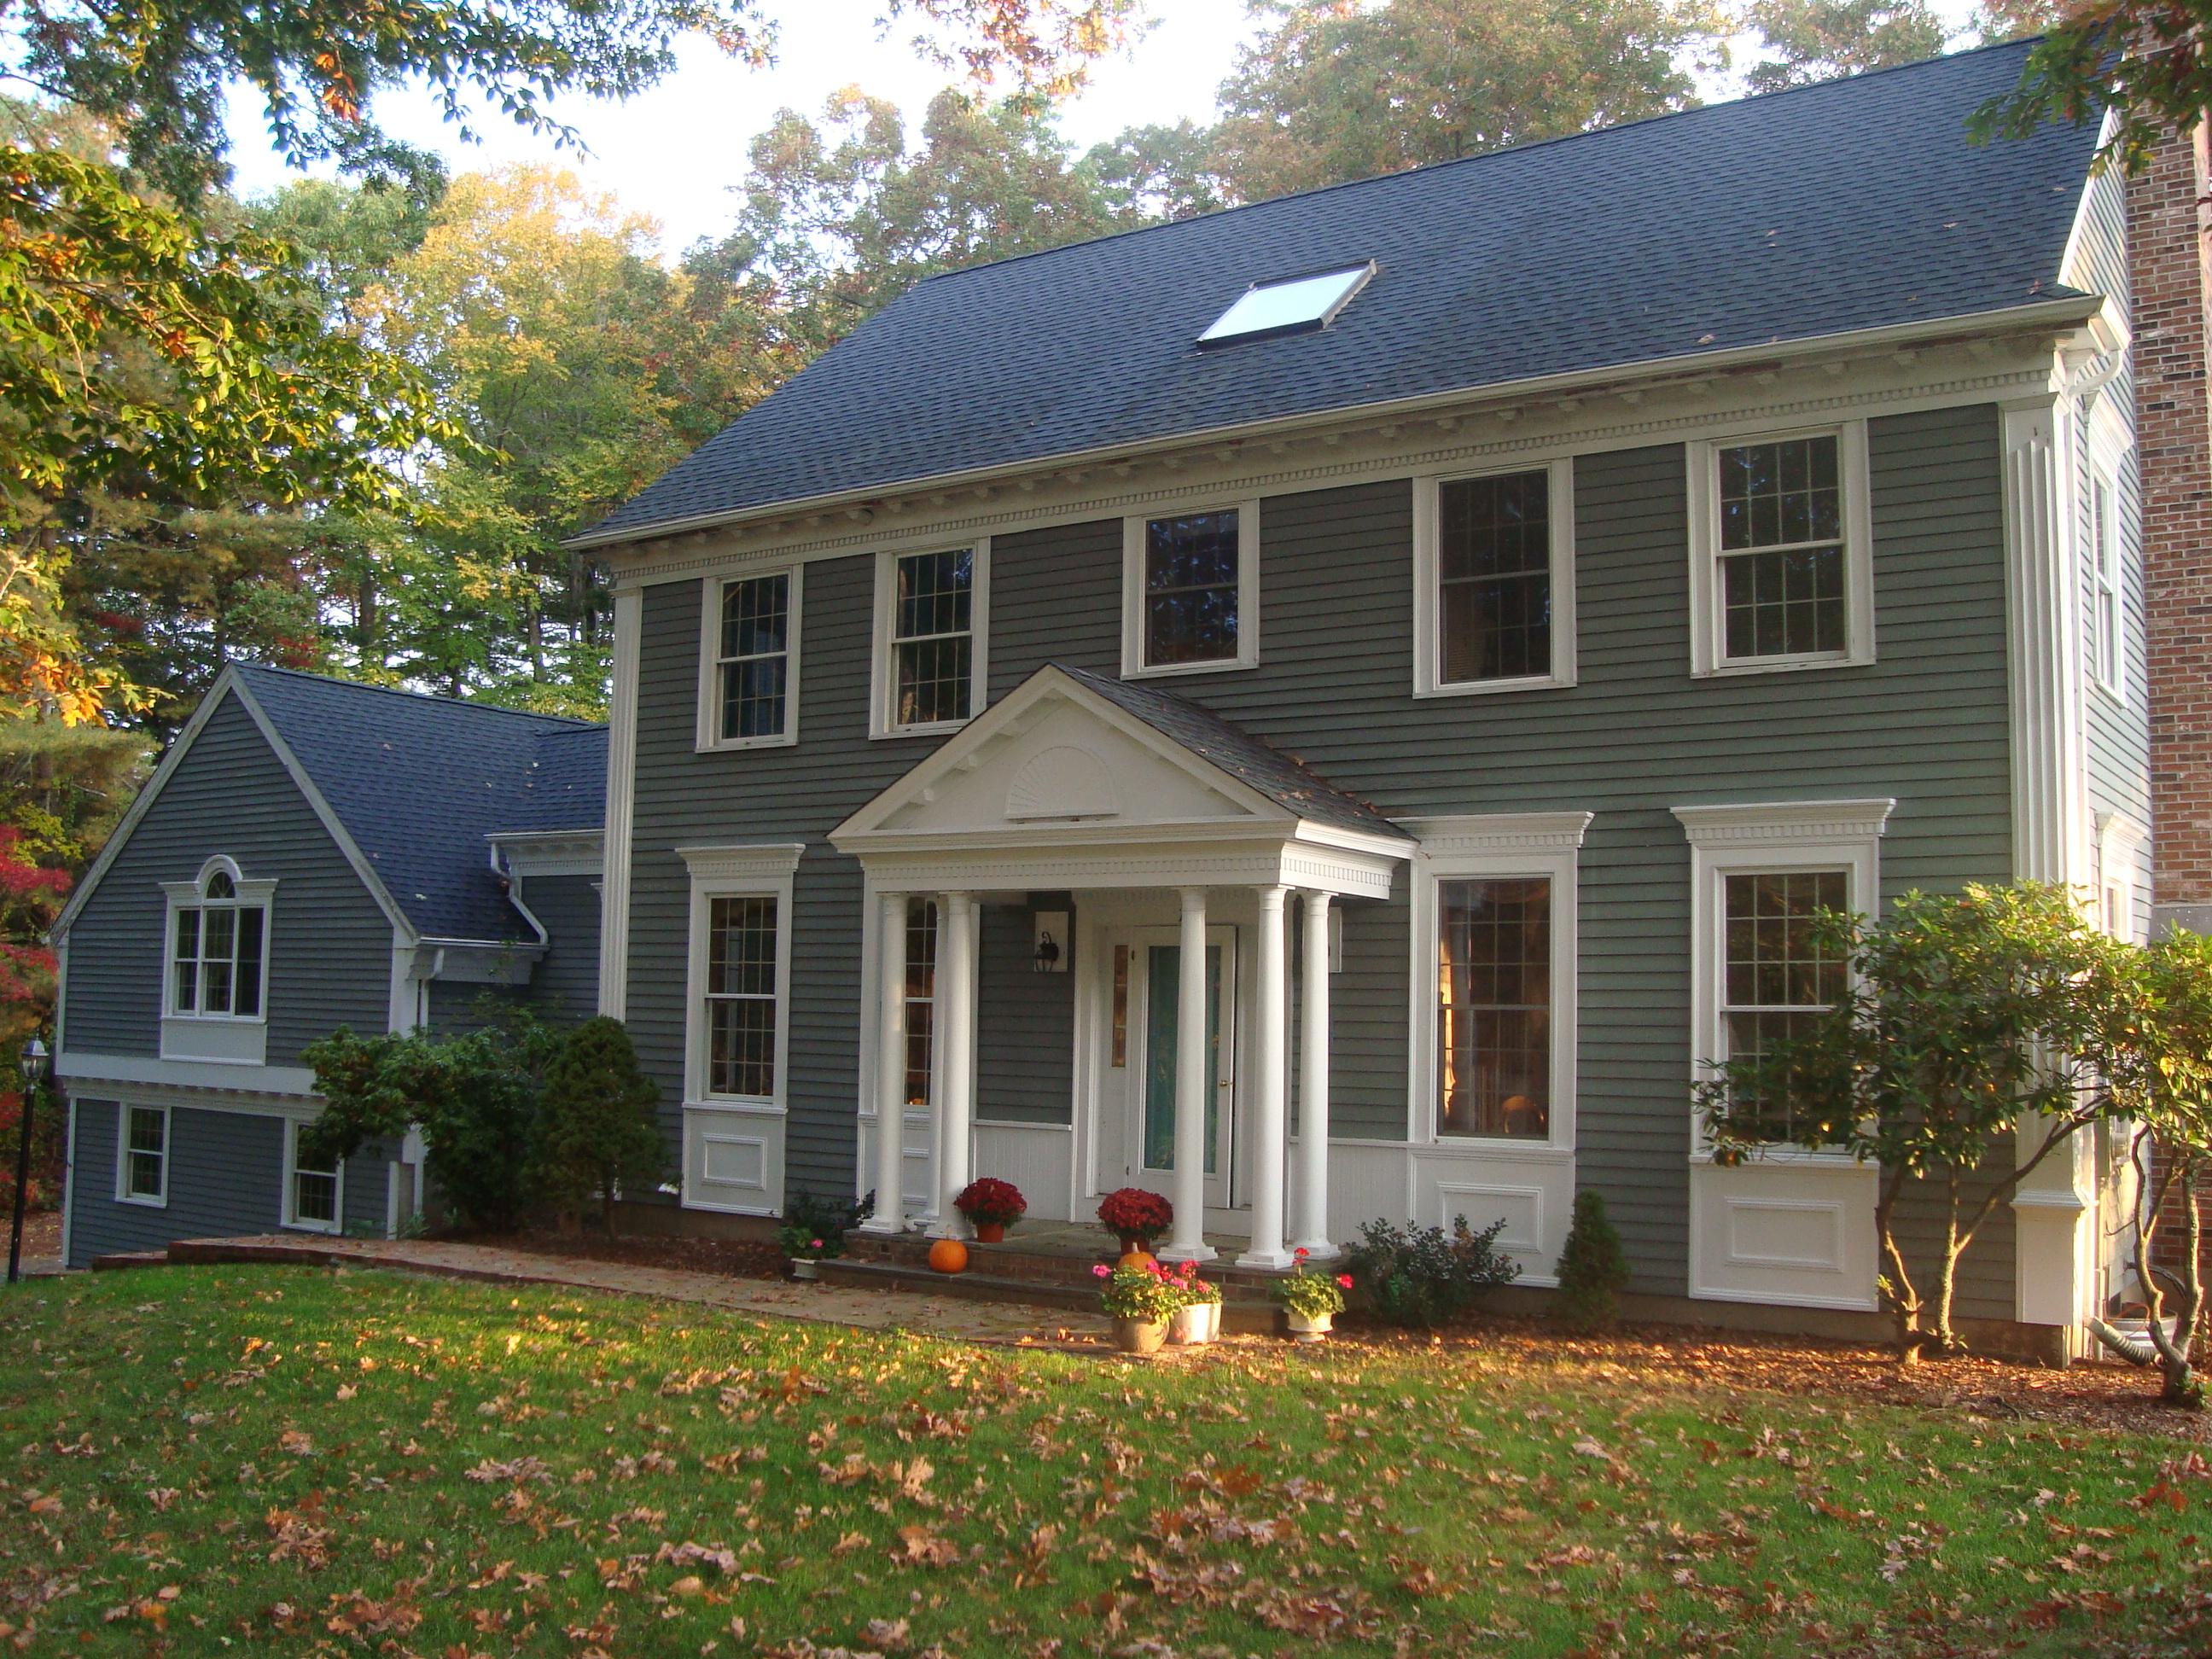 Casa Unifamiliar por un Venta en 71 Beekman Pl Madison, Connecticut, 06443 Estados Unidos